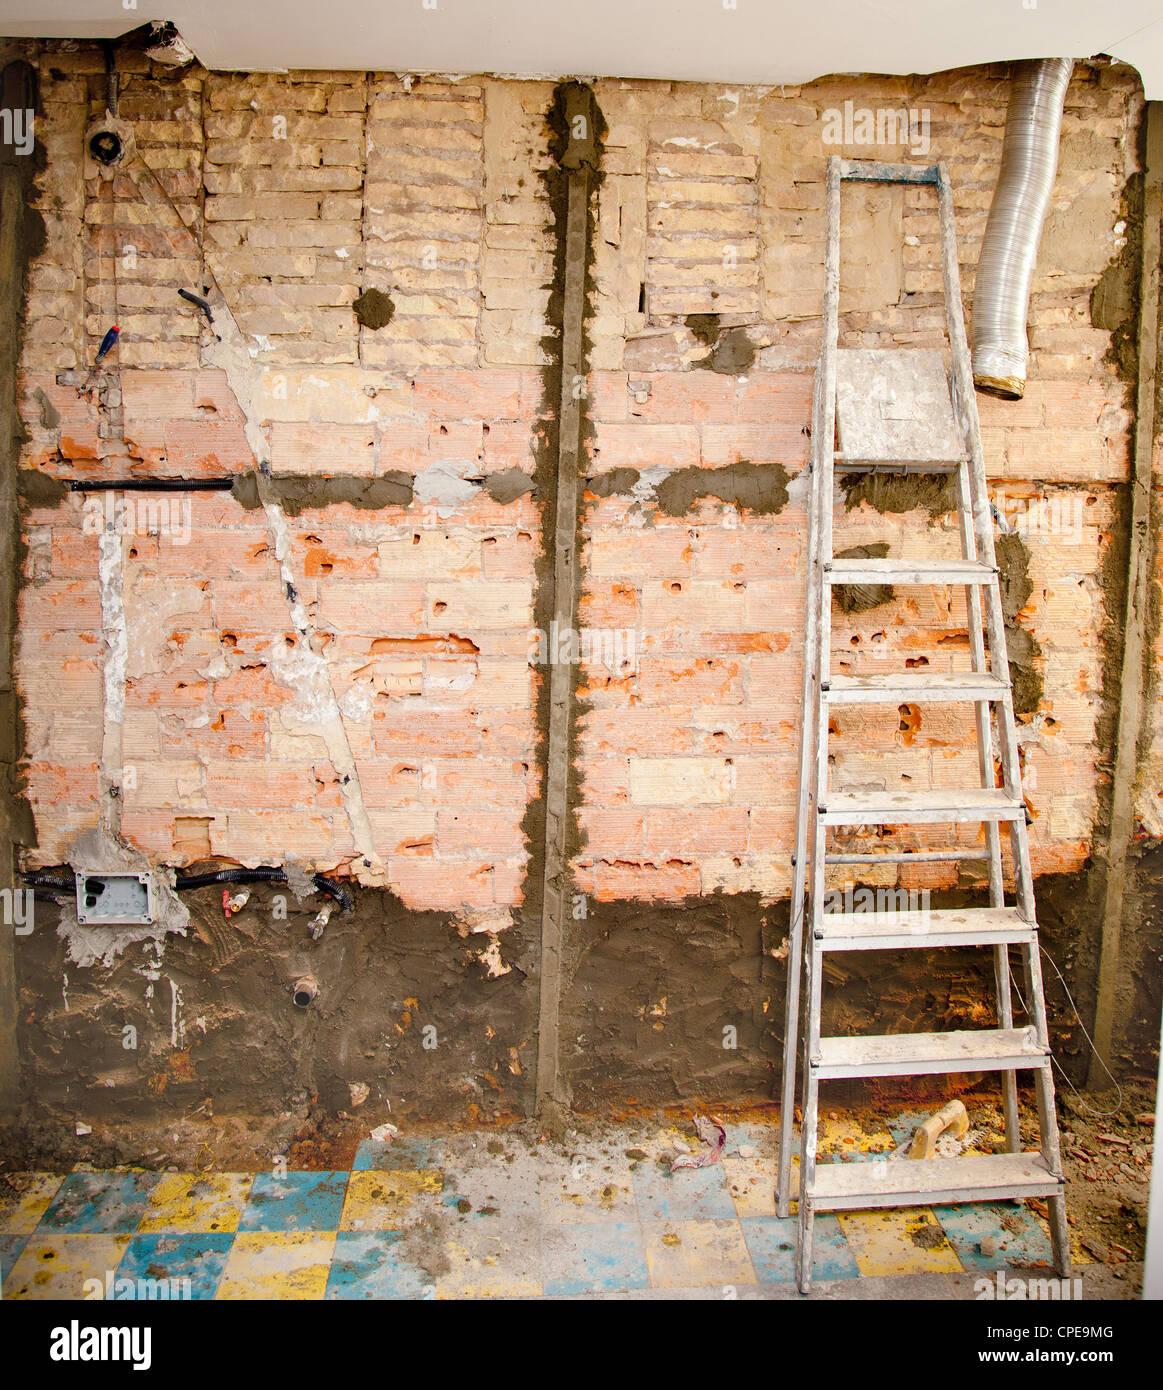 Abbruchmaterial im Innenausbau Küche und Leiter Stockbild